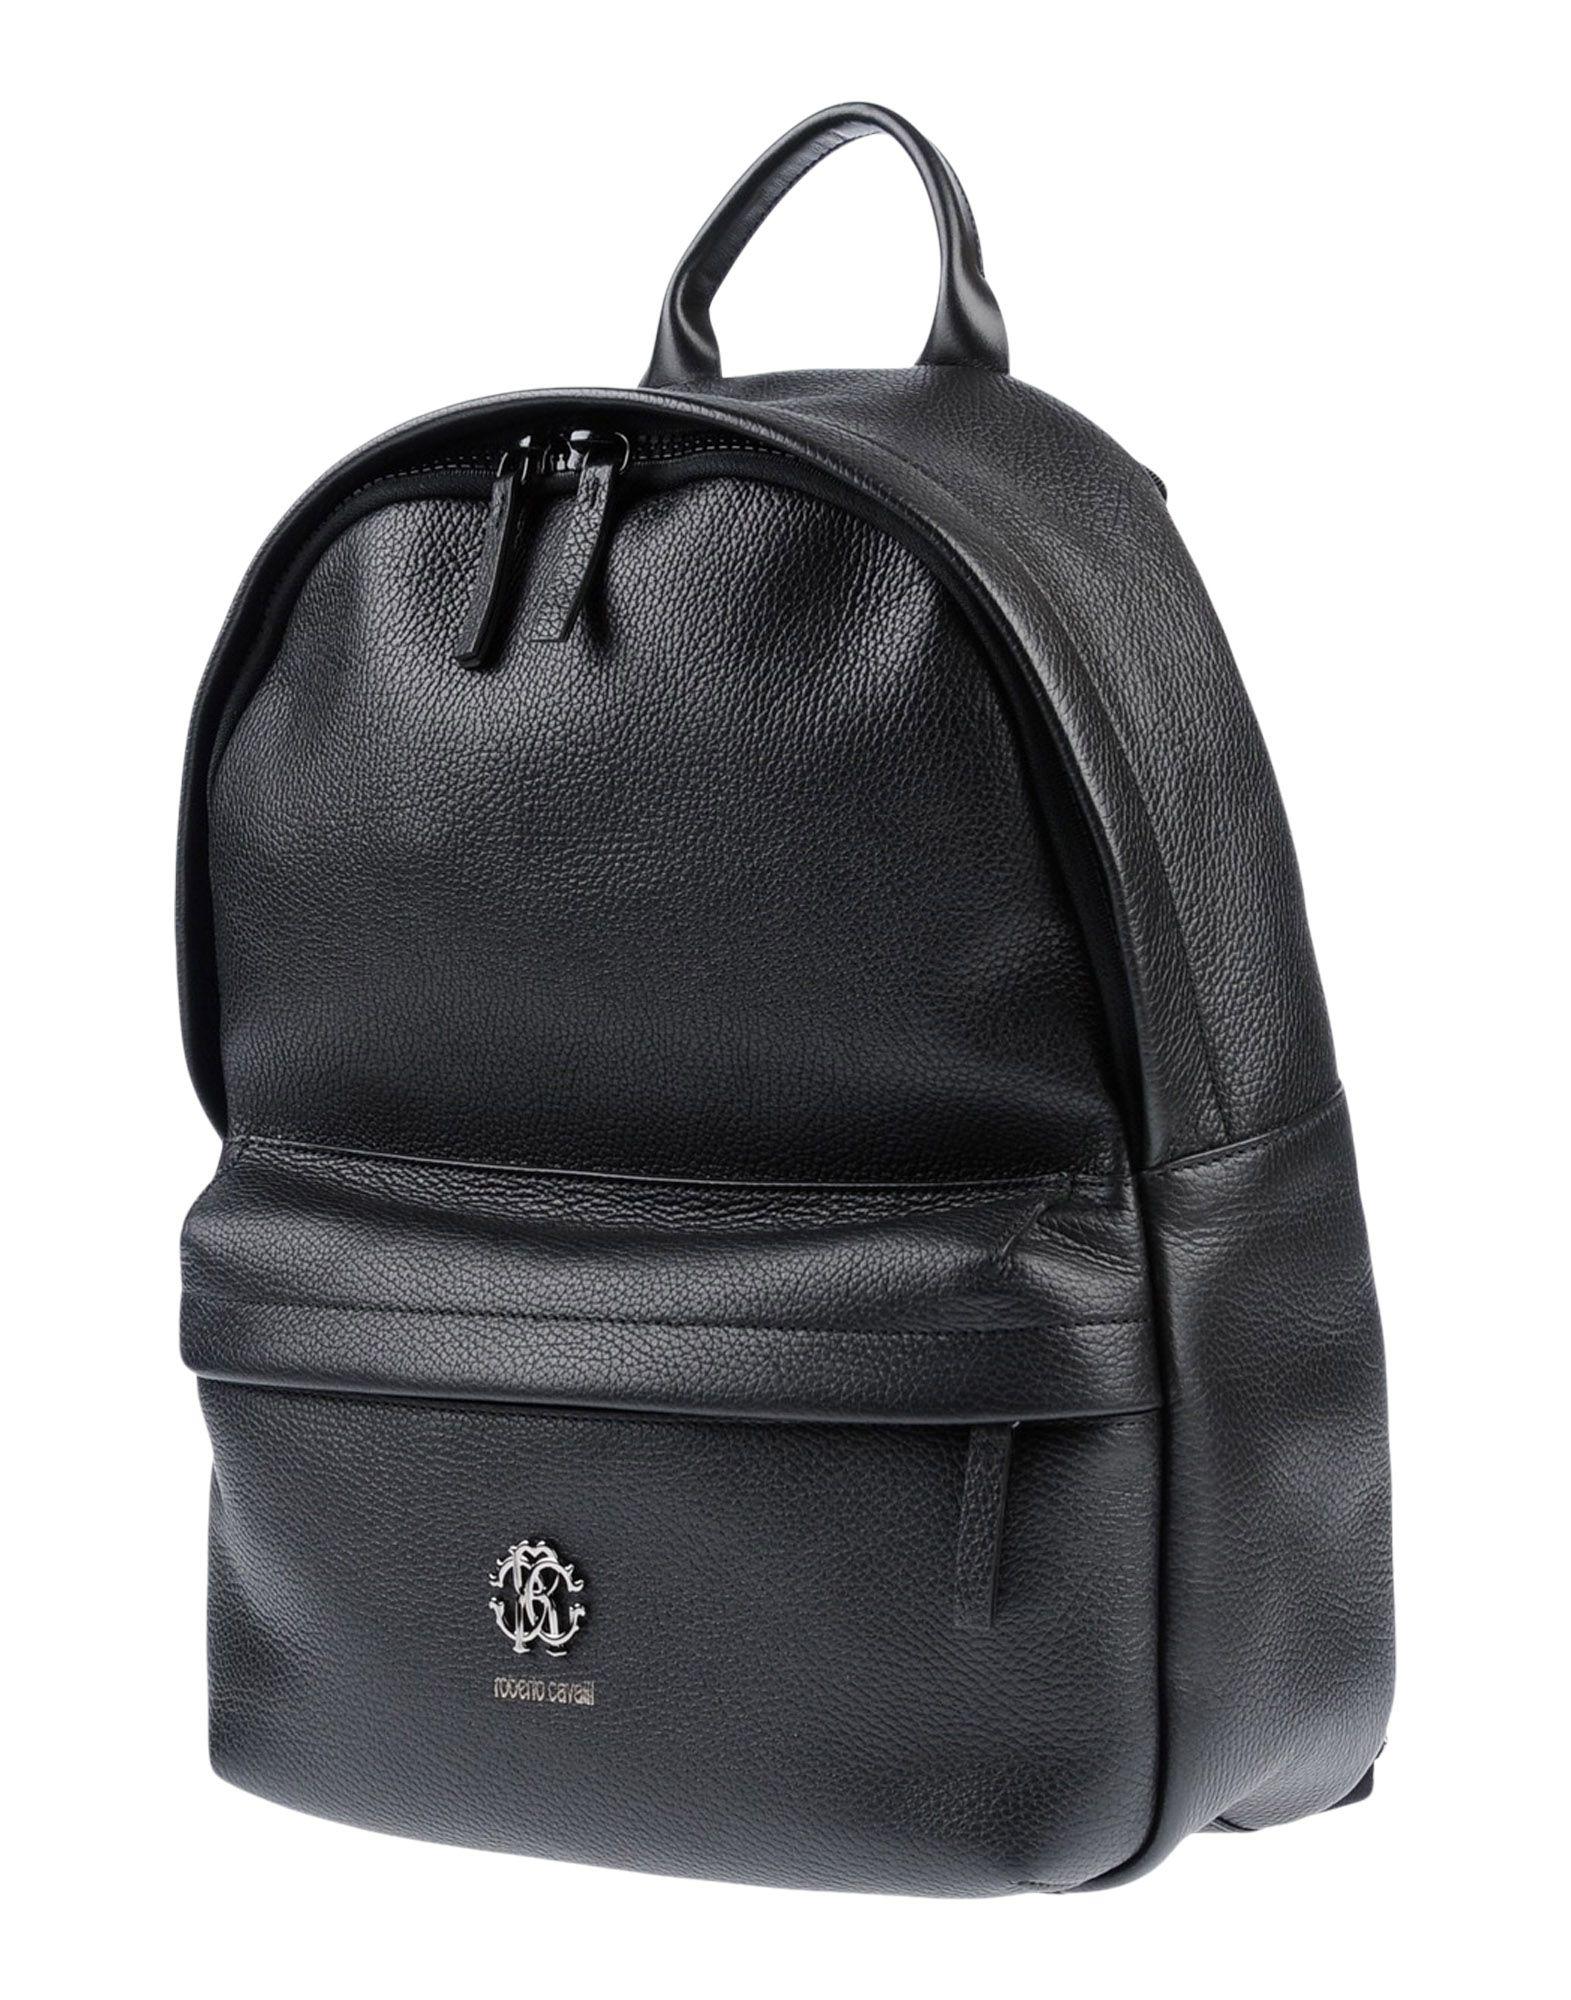 Giorgio Brato HANDBAGS - Backpacks & Fanny packs su YOOX.COM gRuPbQC